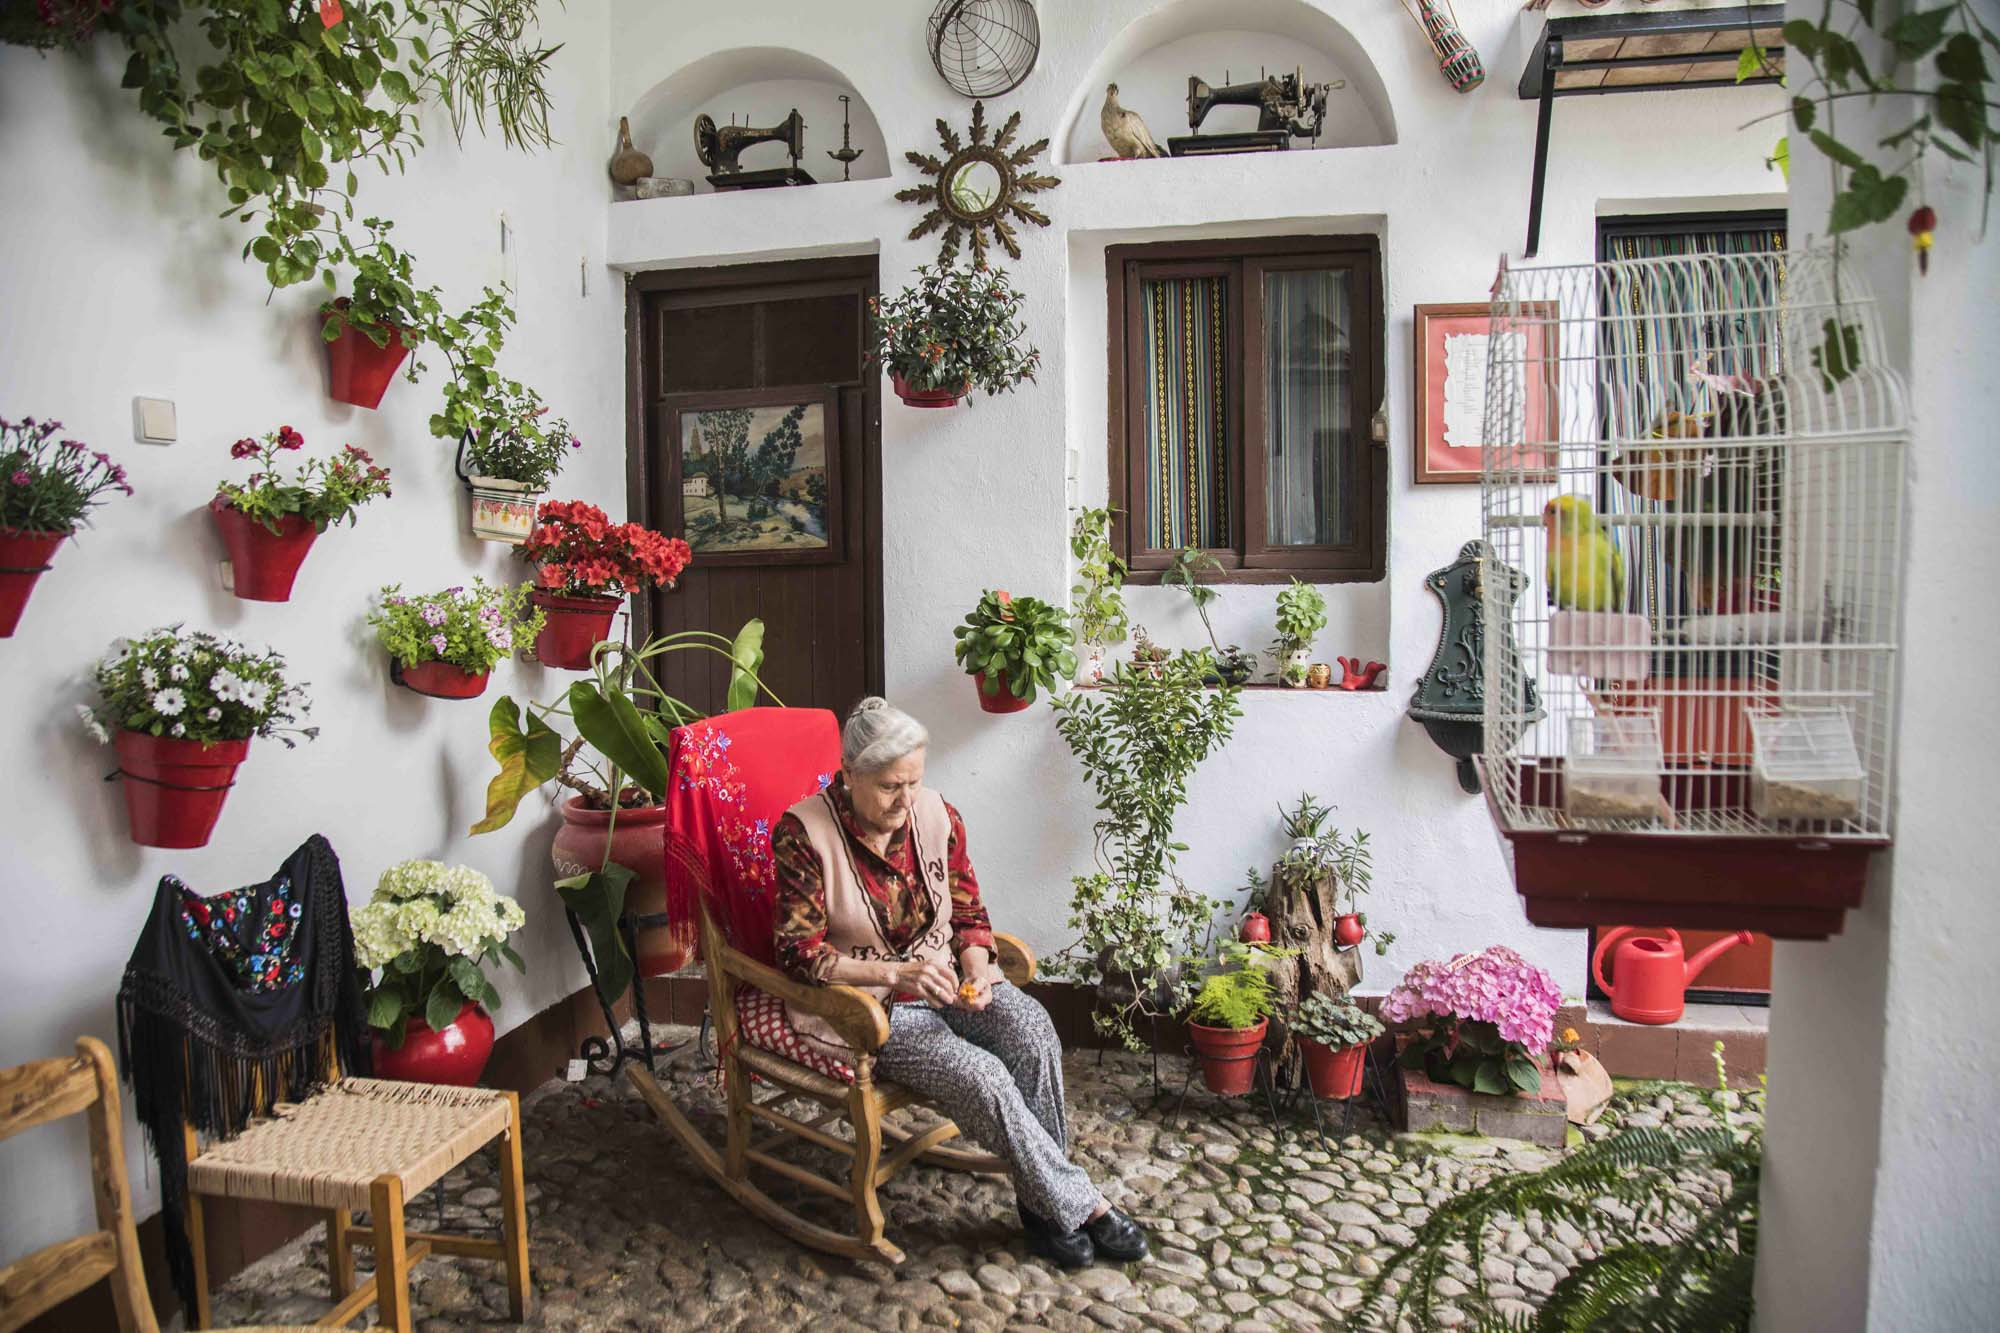 Spanien, Andalusien, Cordoba, Patio, Calle MAriano Amaya 4, Marina Muñoz (81 Jahre) pflegt ihren Patio selbst. Nur eine ihrer vier Töchter hilft ihr dabei, die anderen interessieren sich nicht für Blumen.